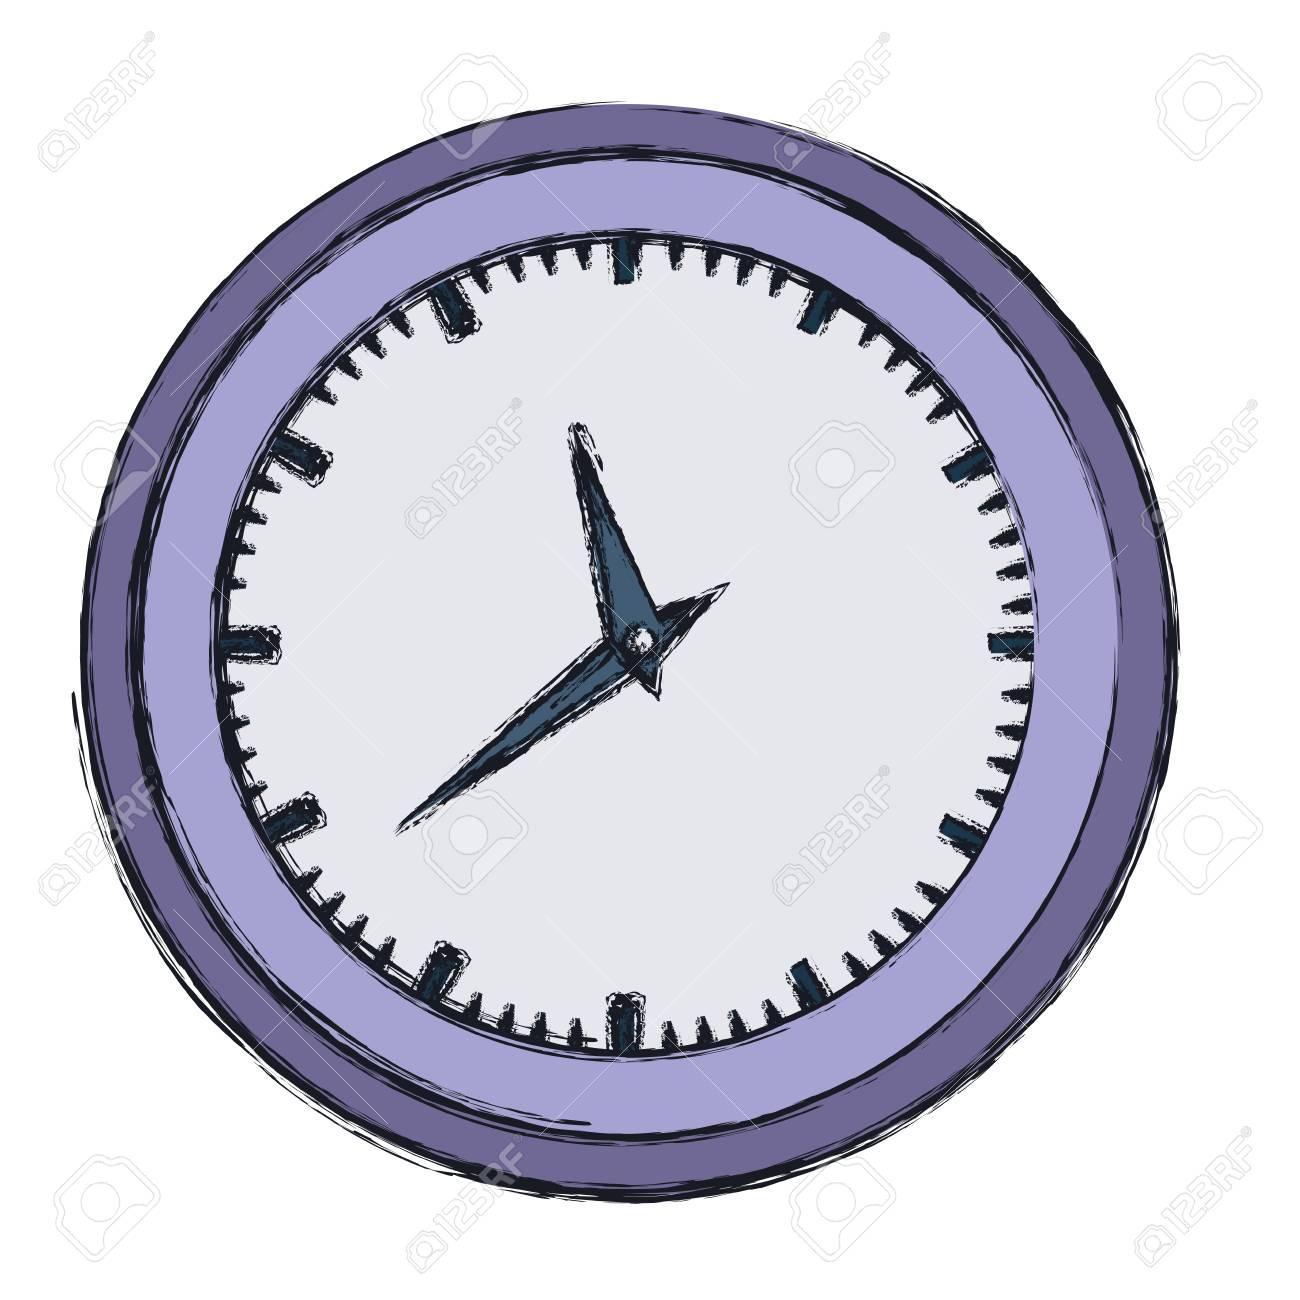 """Résultat de recherche d'images pour """"horloge dessin couleur"""""""